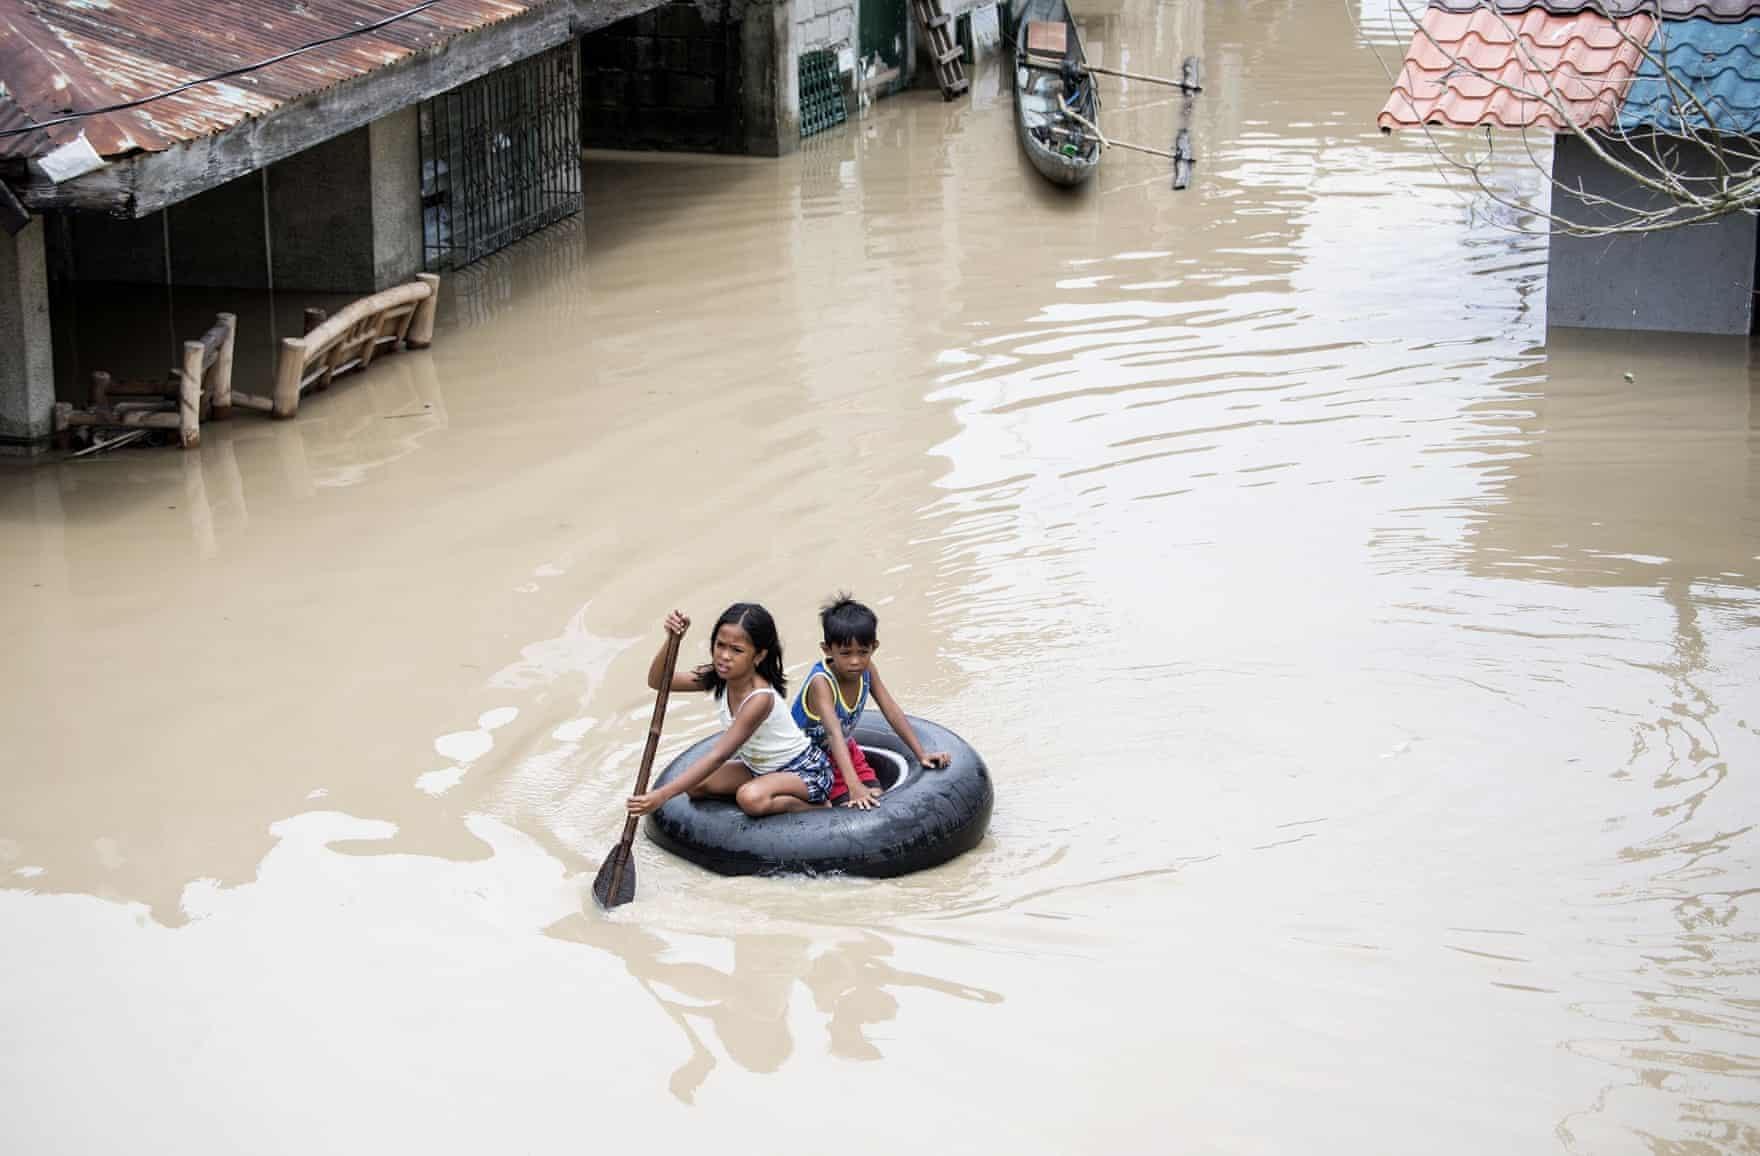 عکس روز: تیوب نجات